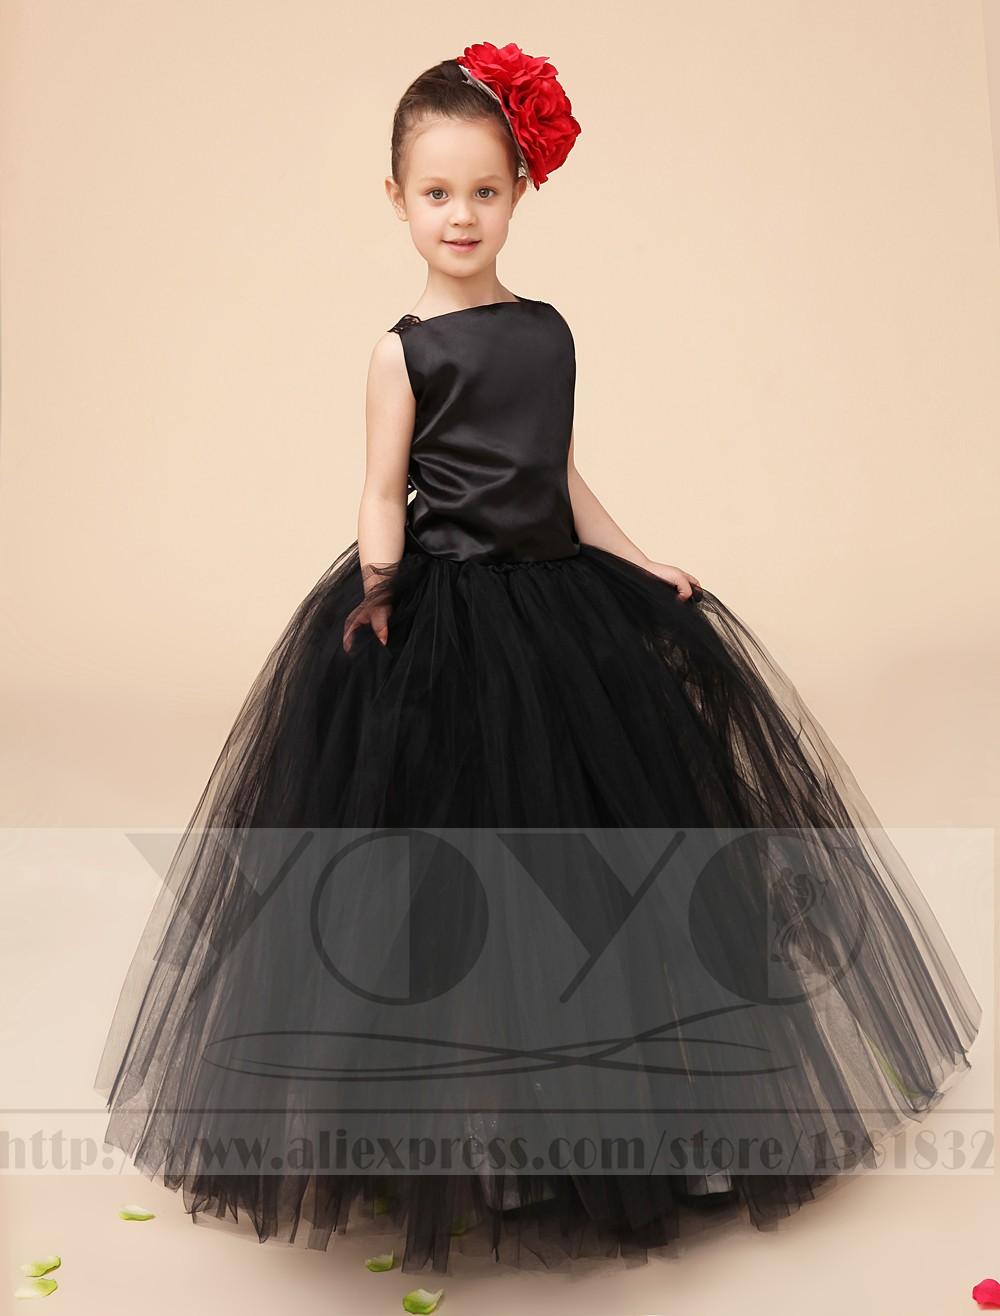 Скидки на Дань Шелк, тюль черные маленькие девочки платья дети девушки формальные платья партии Pageant платья [головной убор включен]